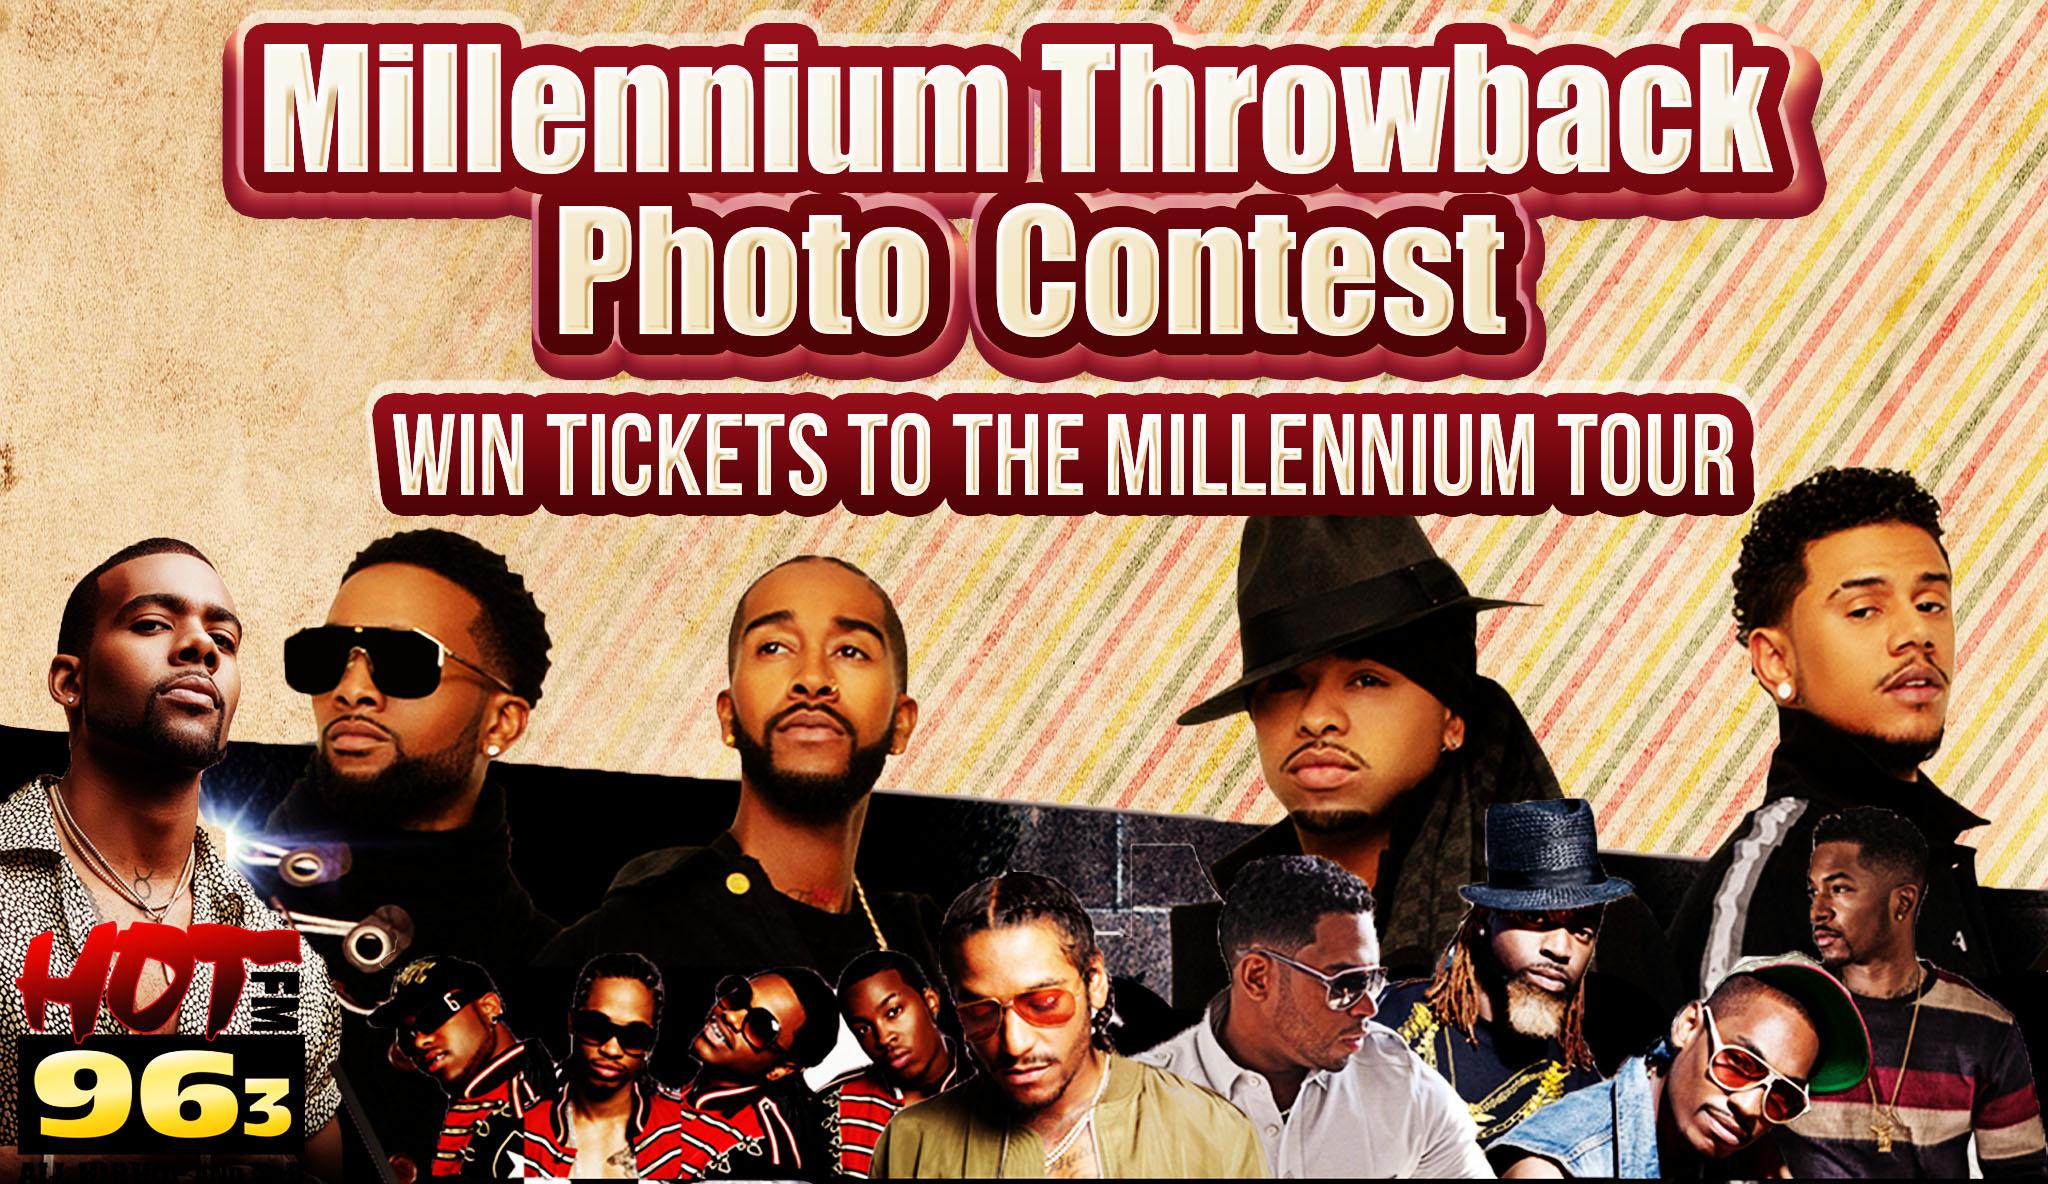 Millennium Throwback Photo Contest Graphic